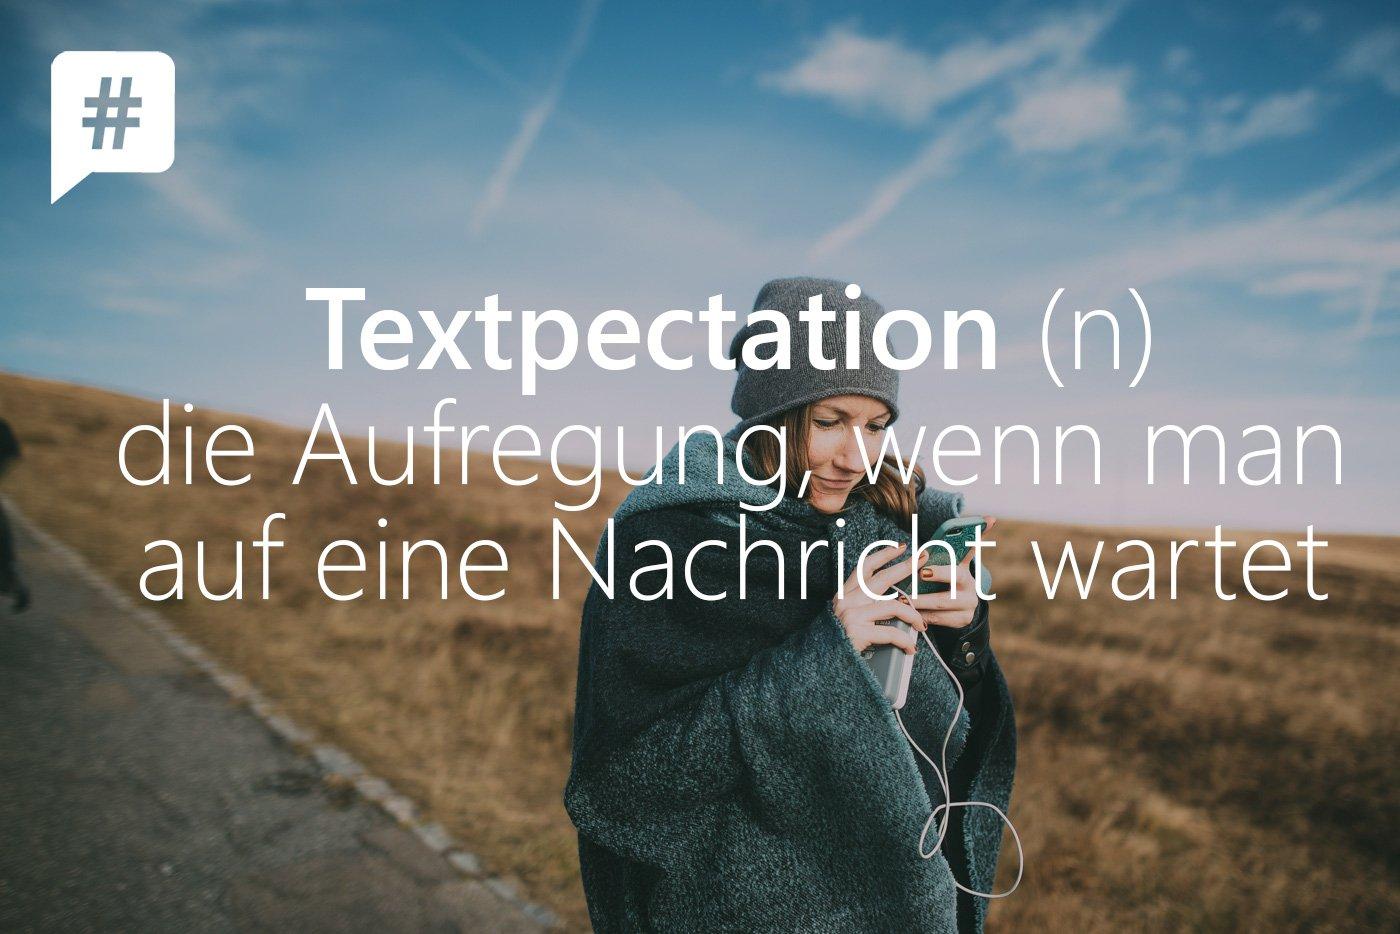 Textpectaion